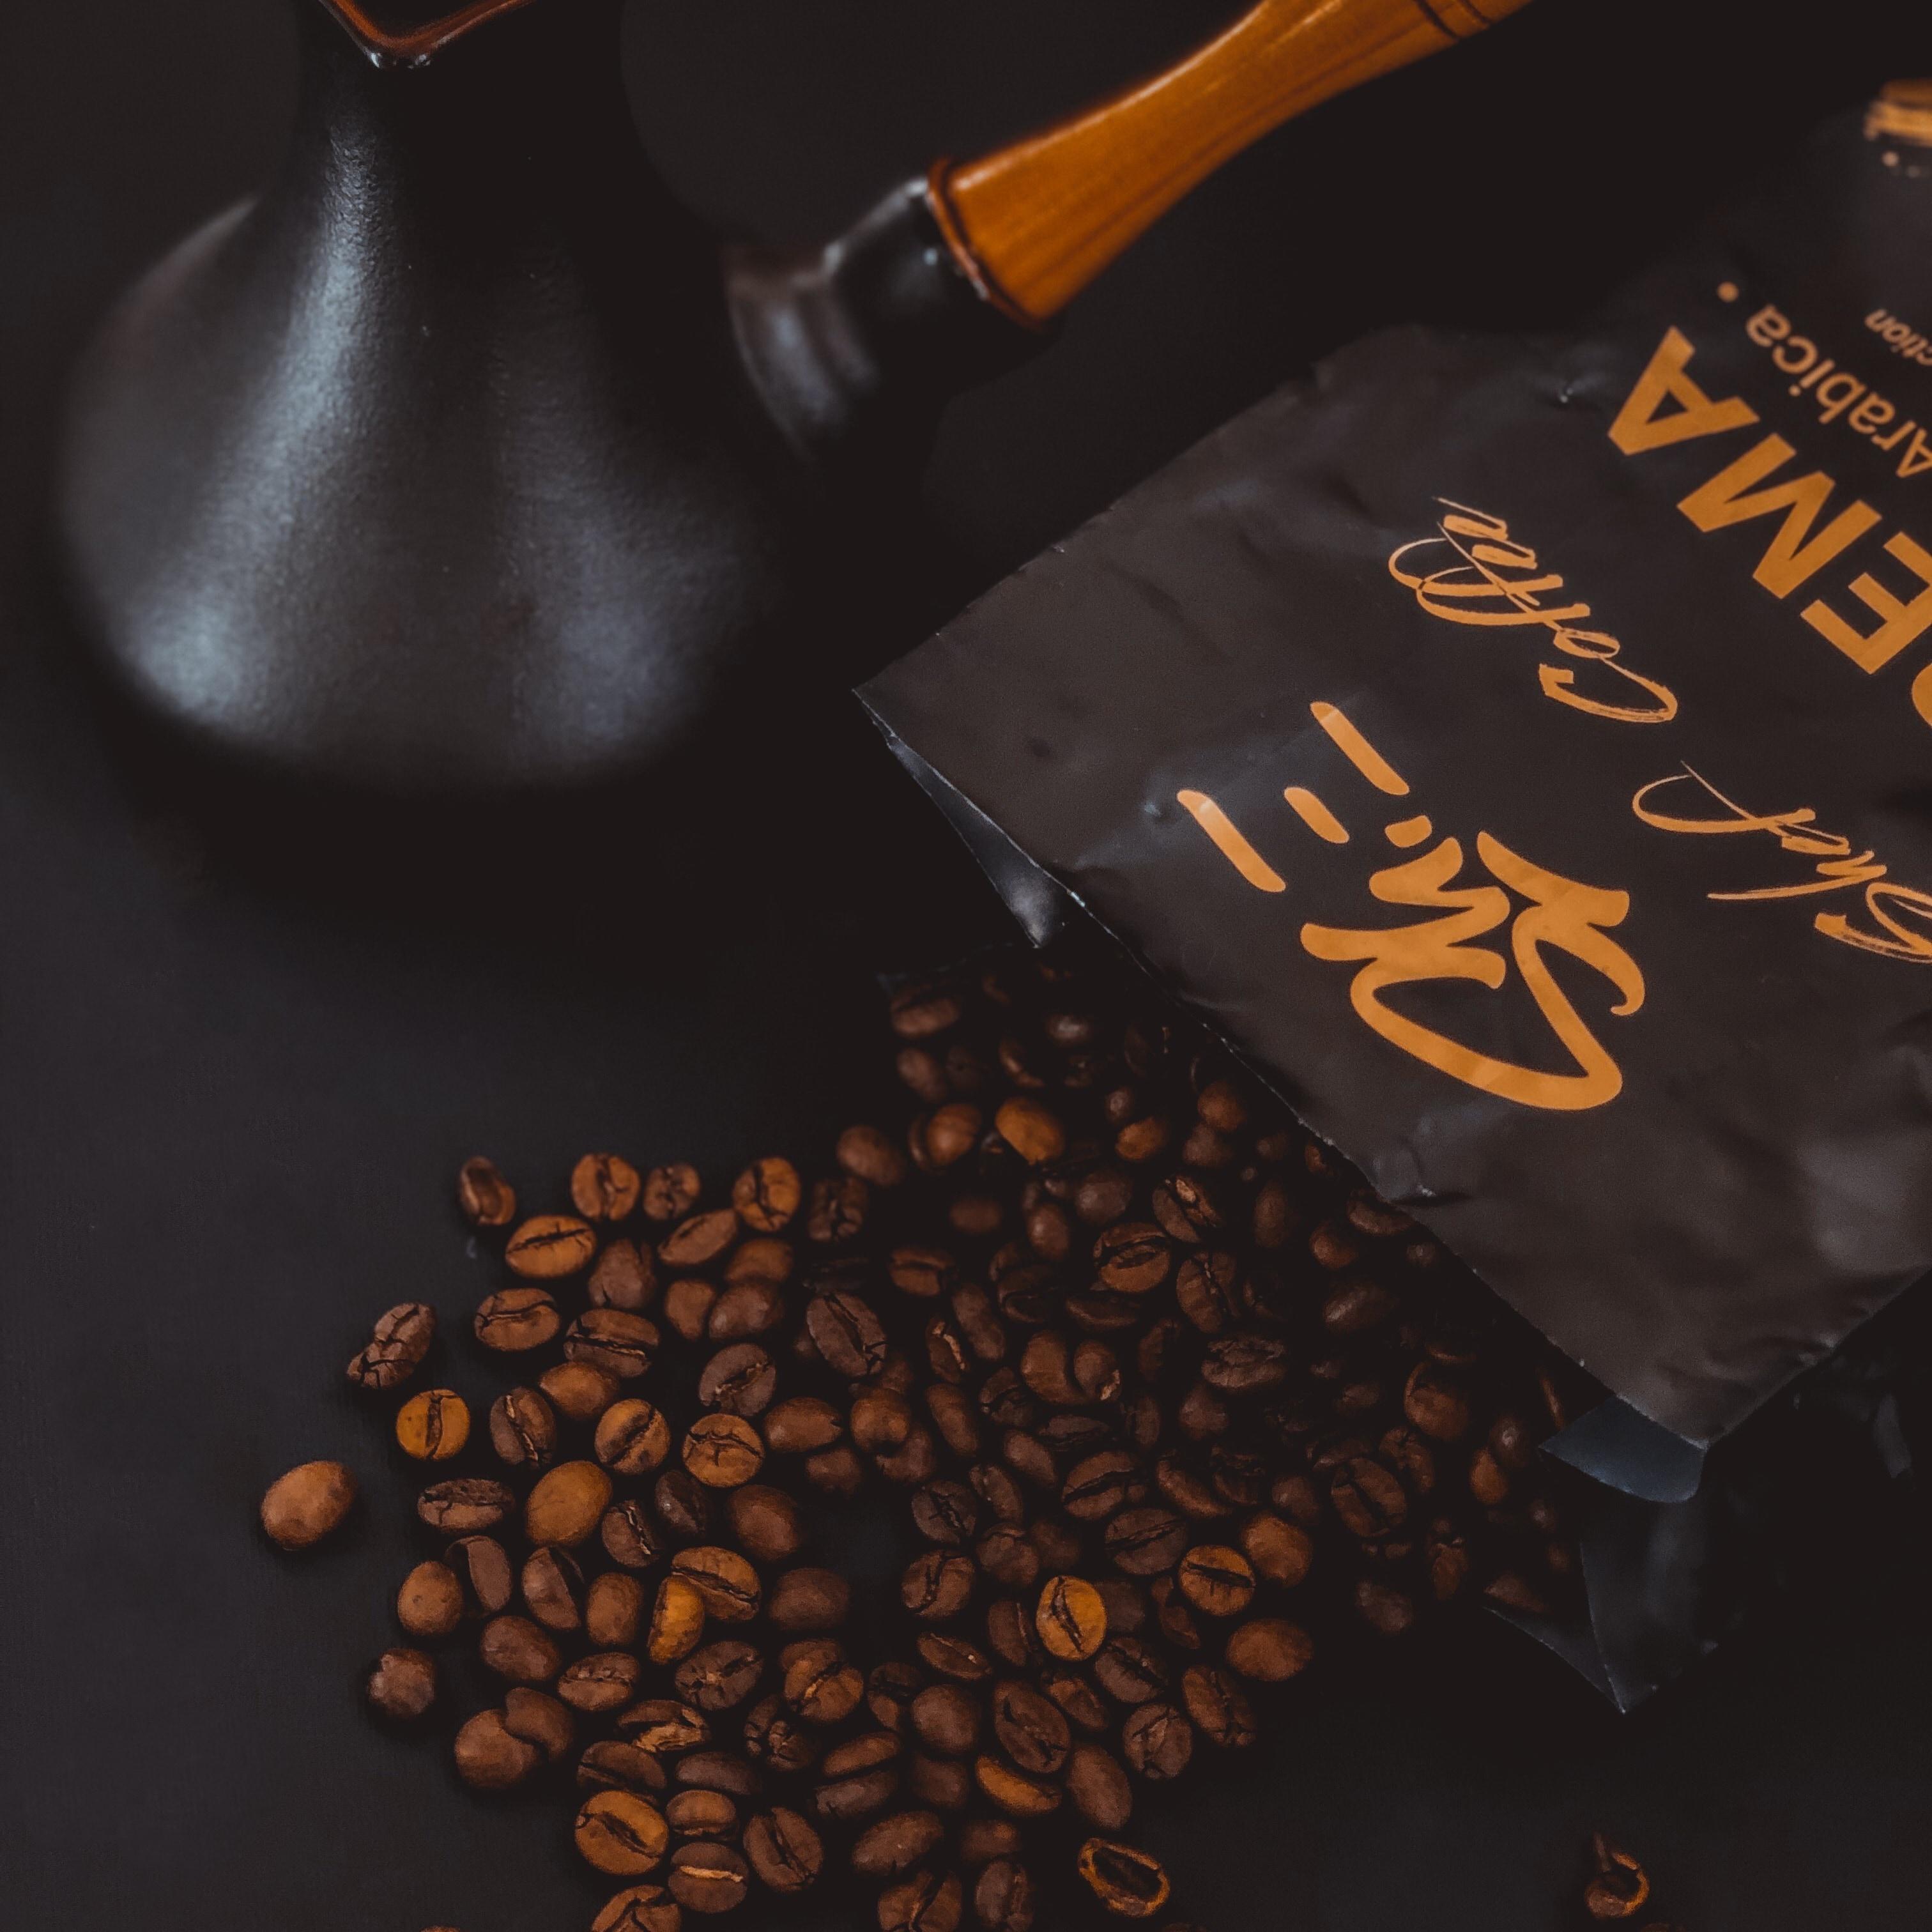 Лучший кофе для вас